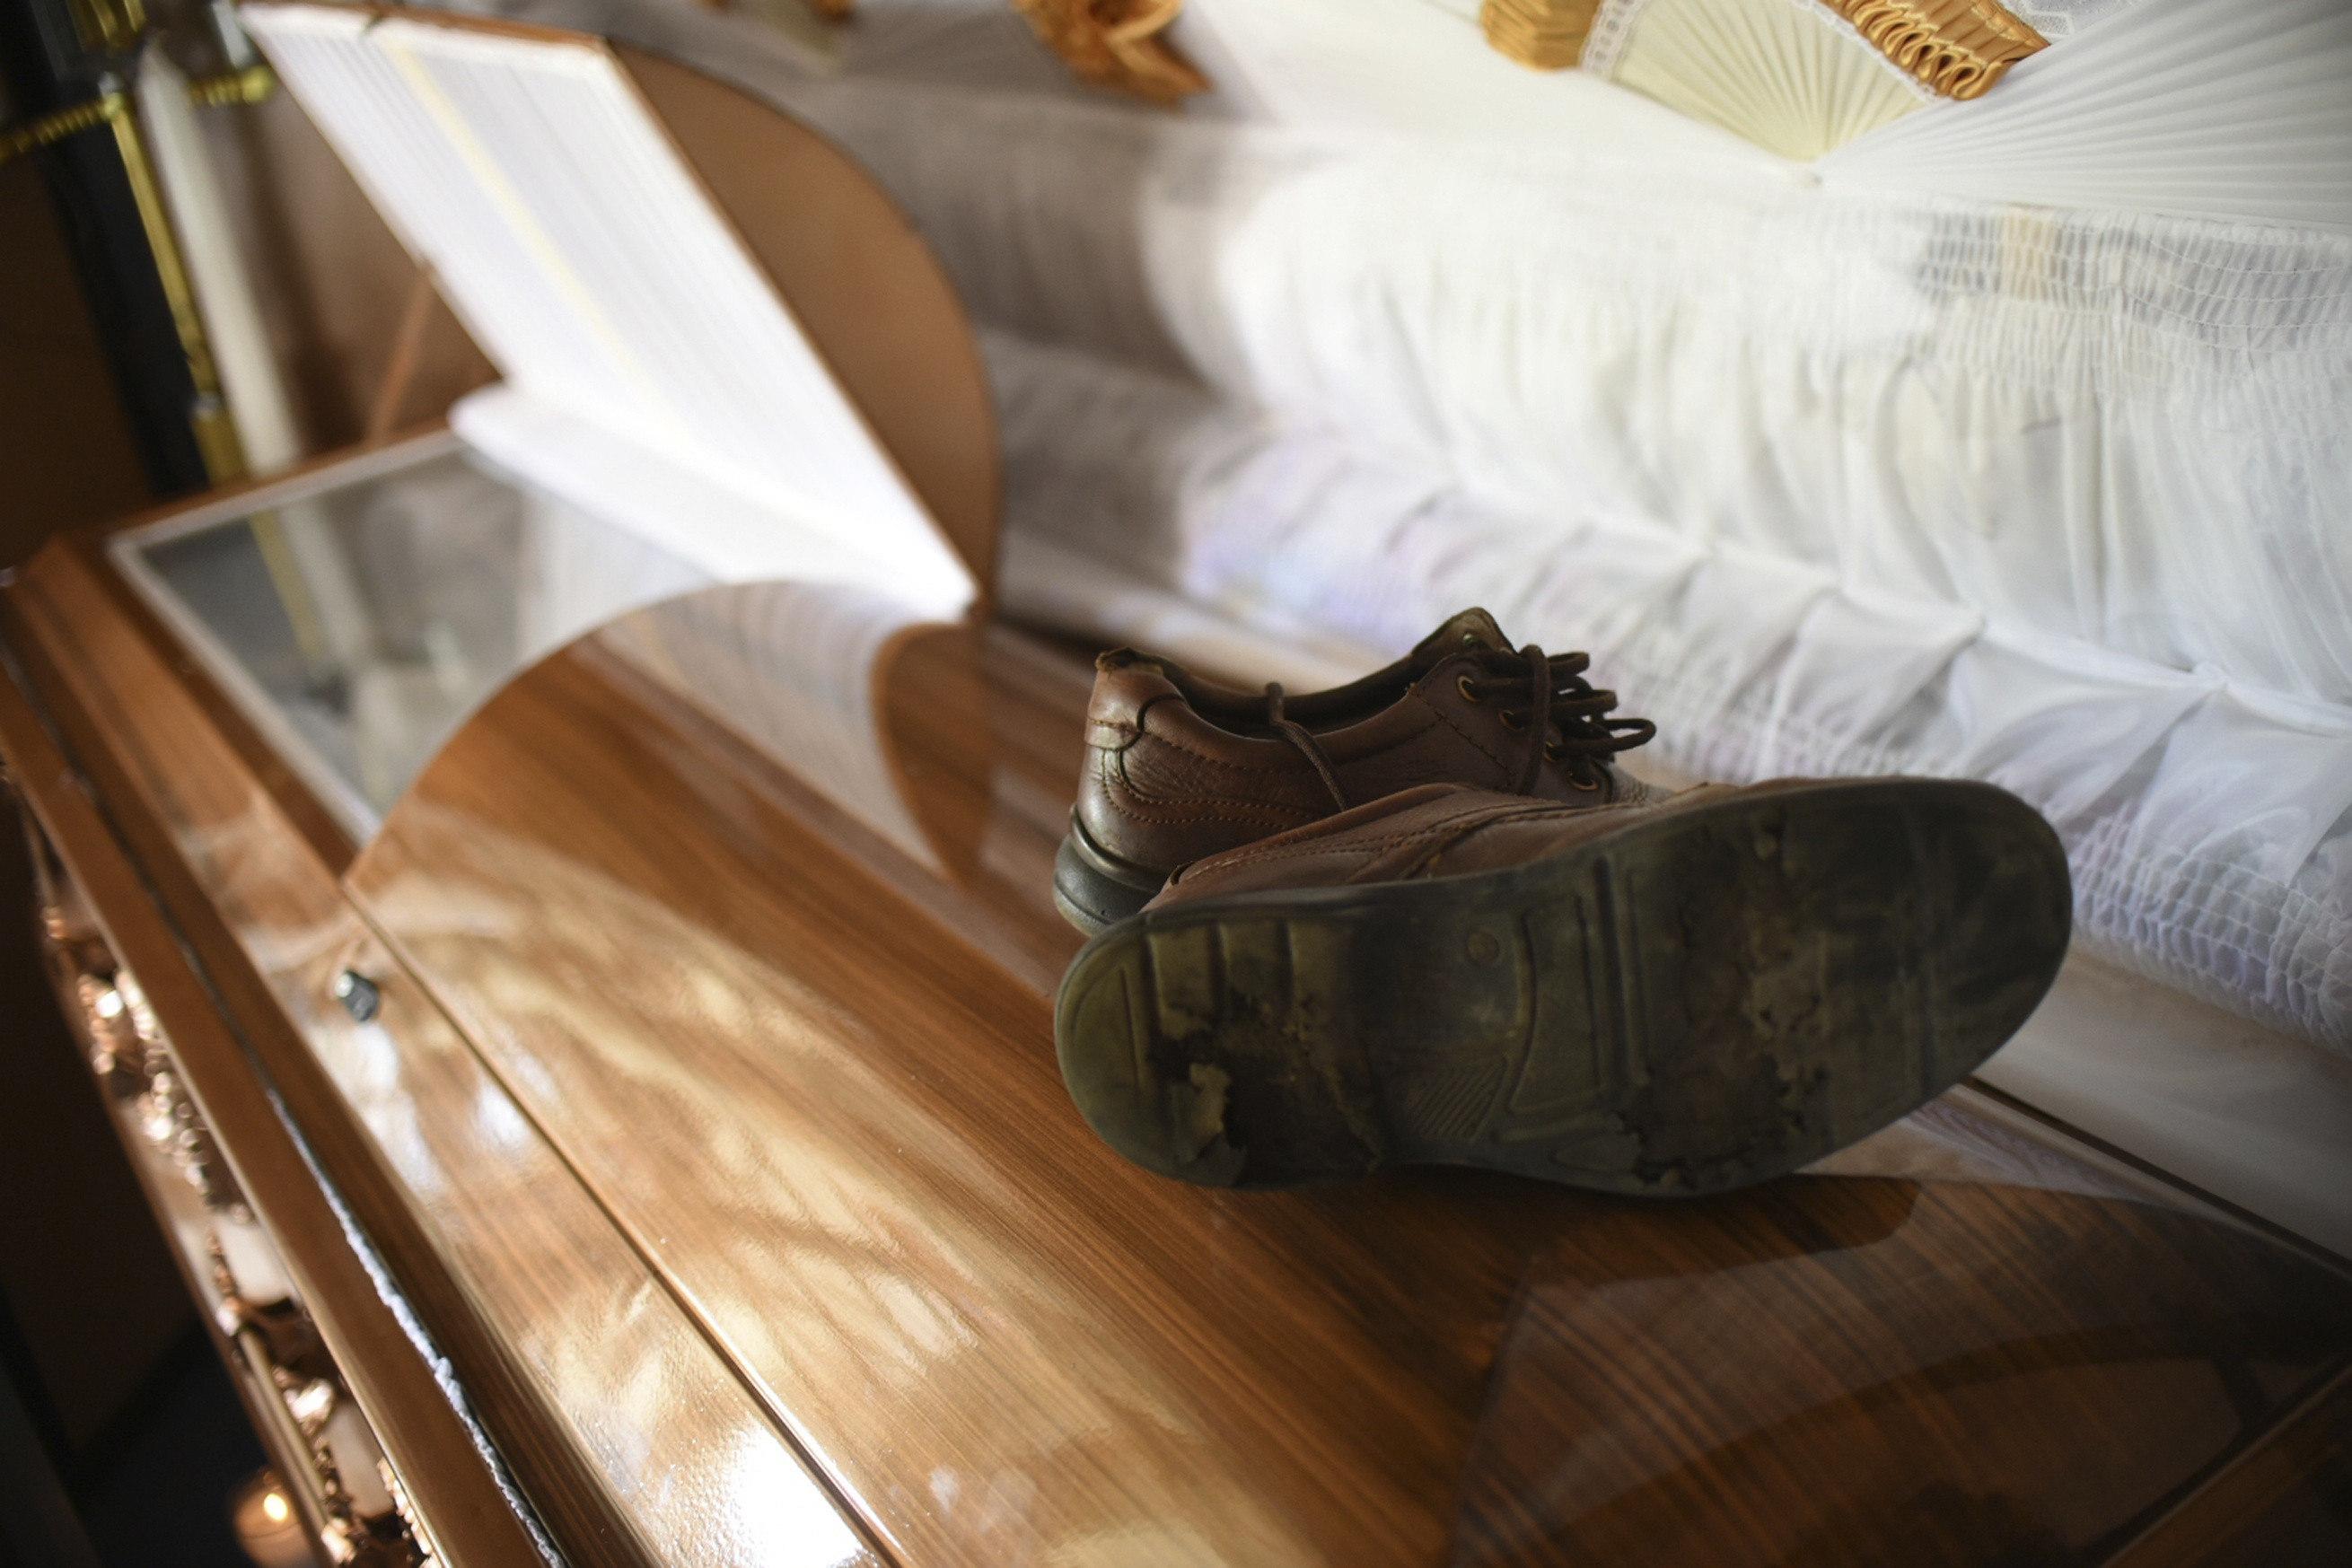 Vista de les sabates del periodista assassinat Cándido Ríos Vázquez, sobre el fèretre que contenen les seves restes mortals. /ÁNGEL HERNÁNDEZ